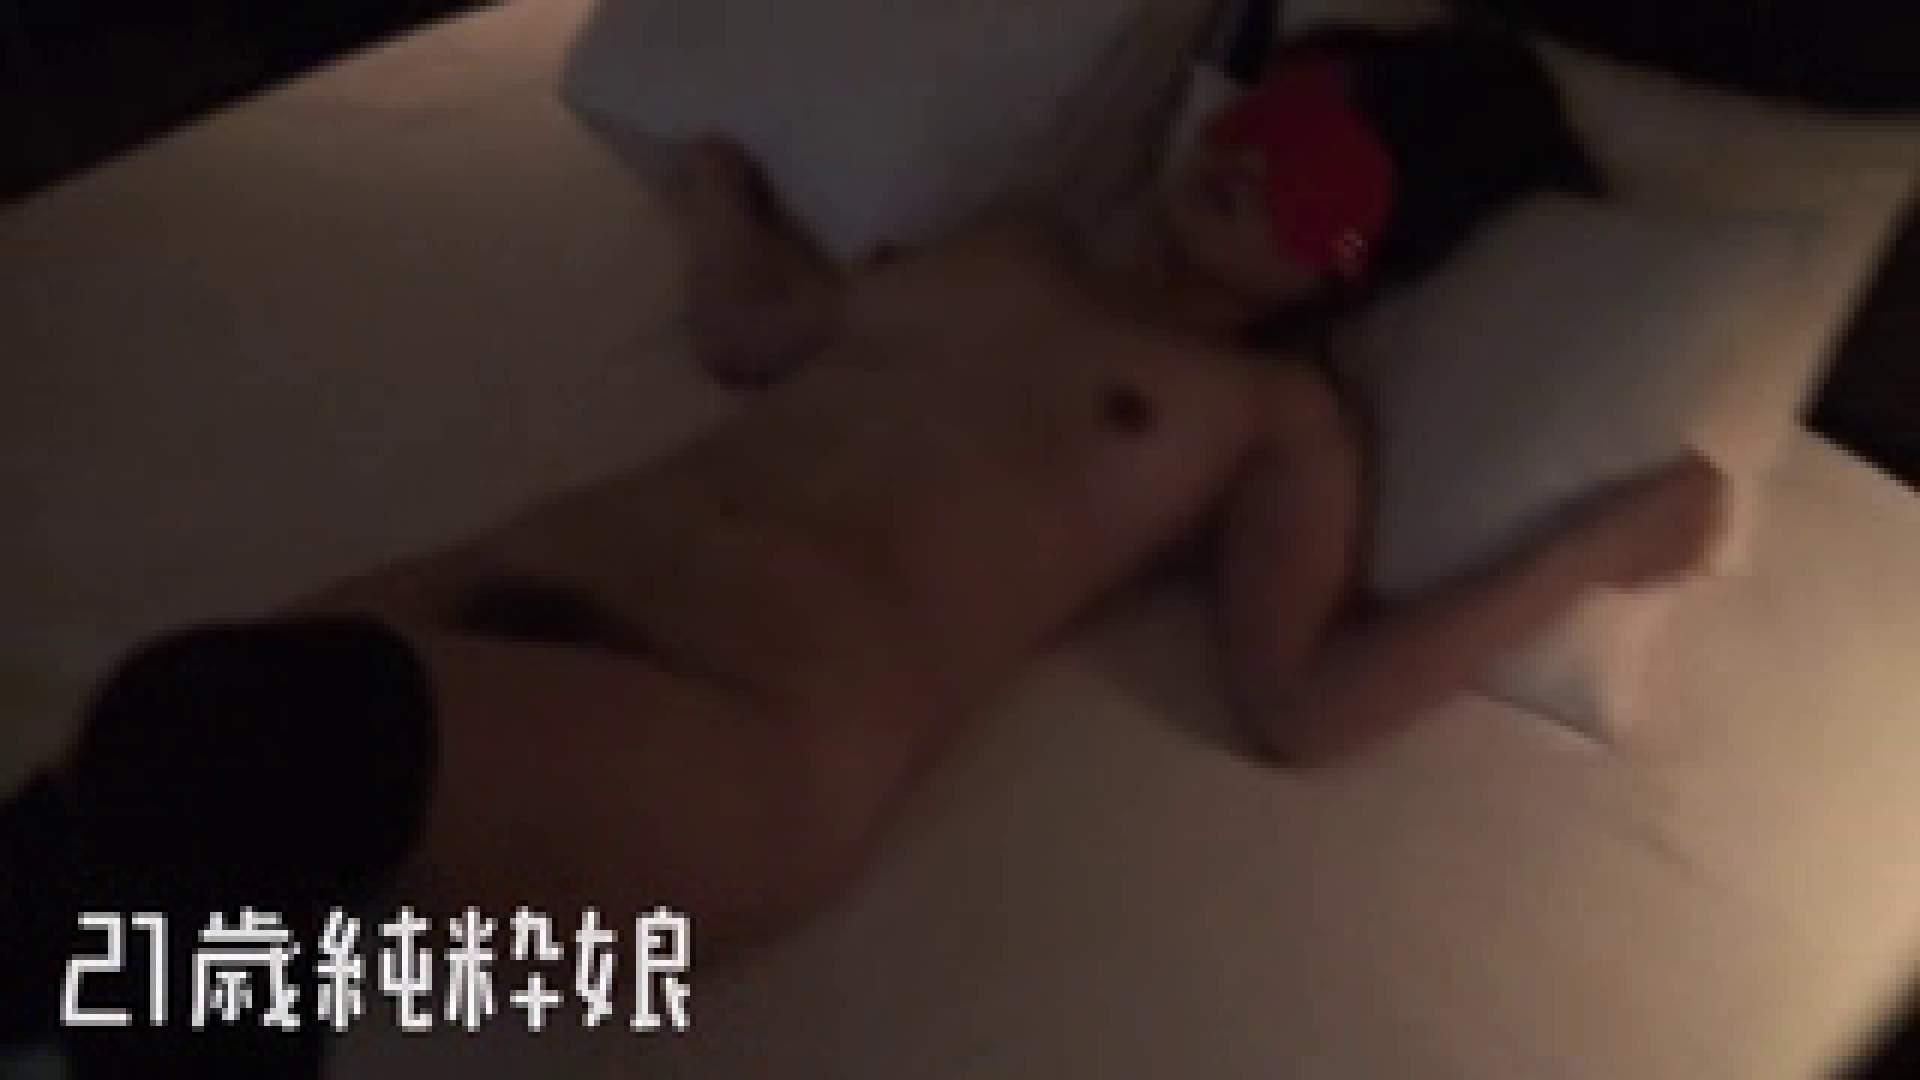 上京したばかりのGカップ21歳純粋嬢を都合の良い女にしてみた4 ホテル  75連発 39